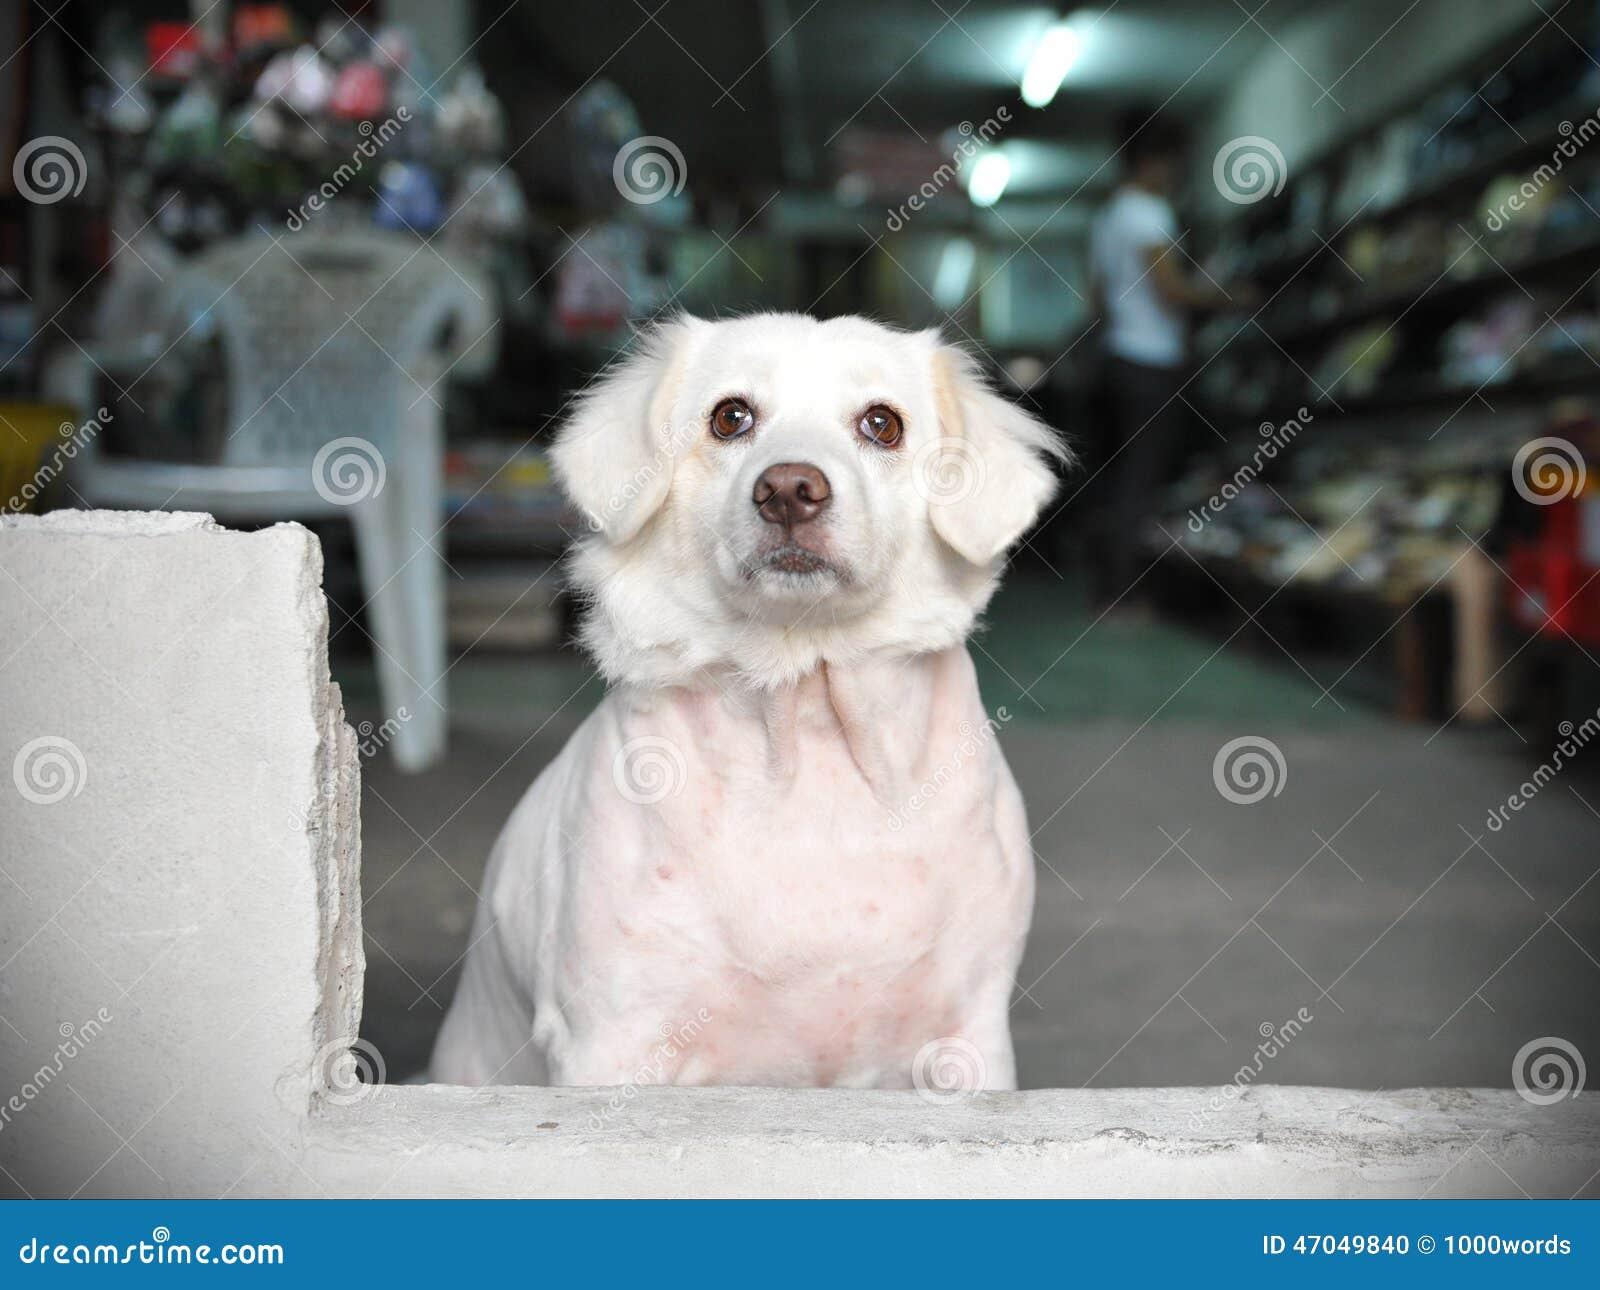 色女和公狗�9��yl#�+_神色在从一家商店的狗在曼谷街上.